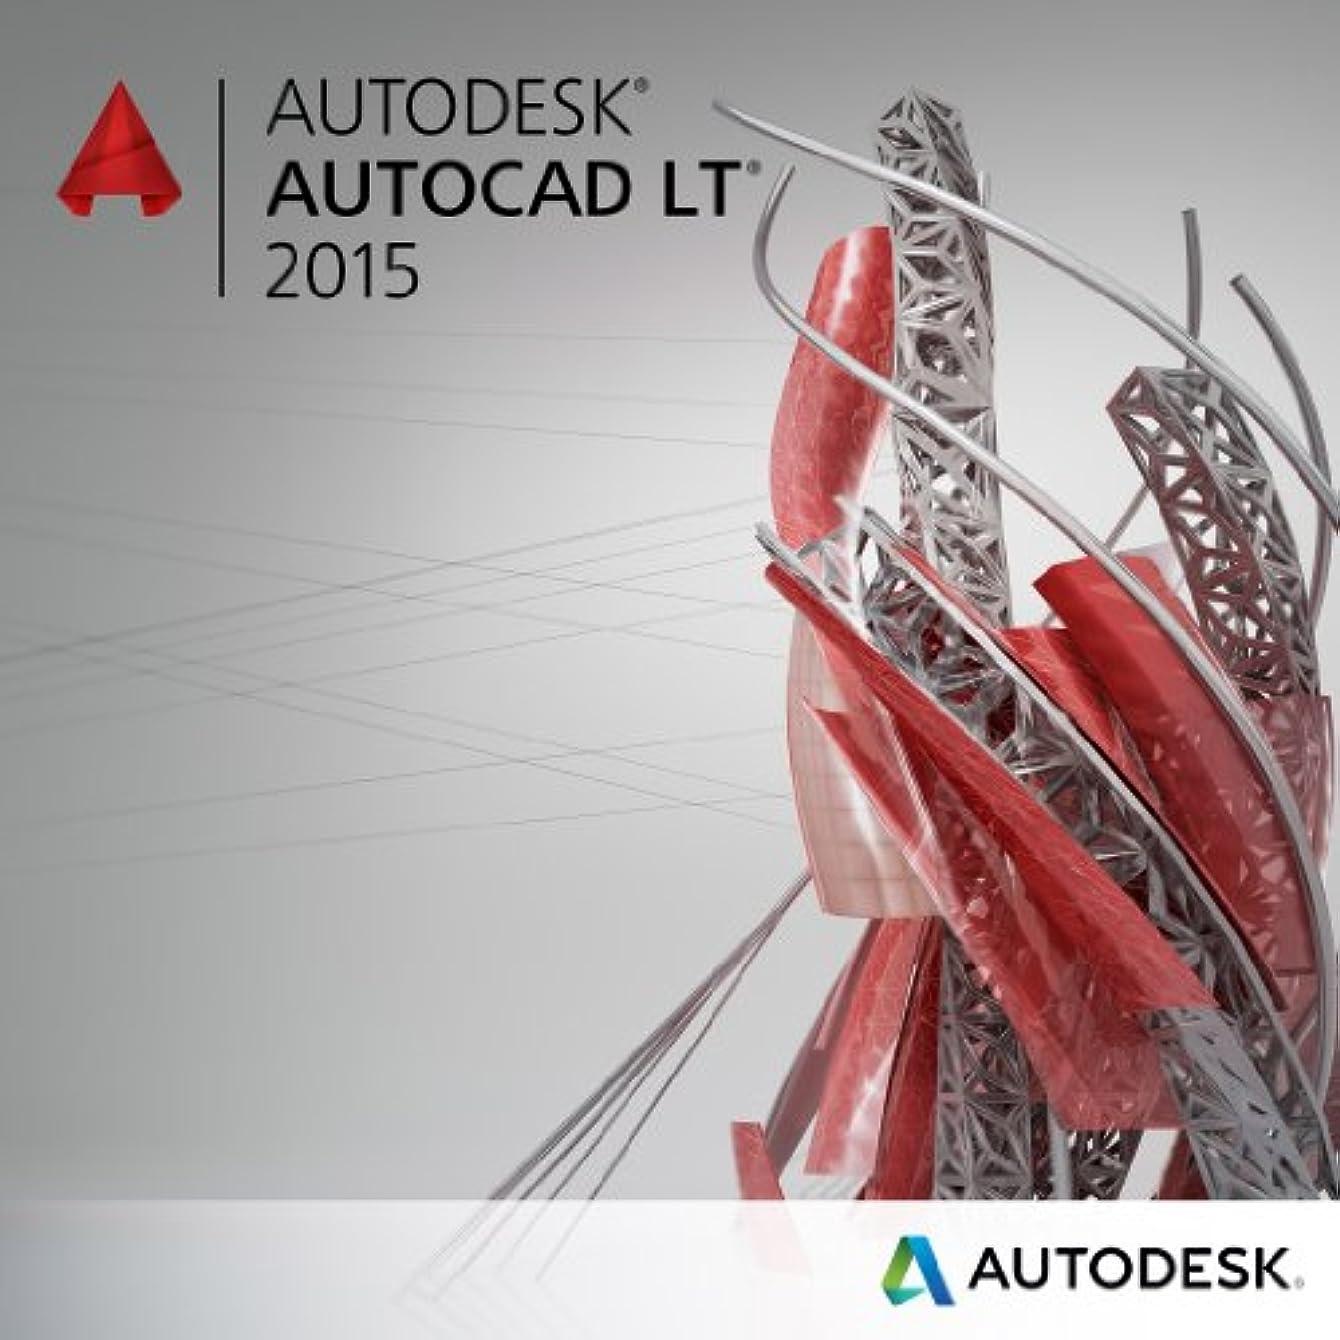 広々としたマイクロフォン因子AutoCAD LT 2015 Commercial Upgrade from Previous Version